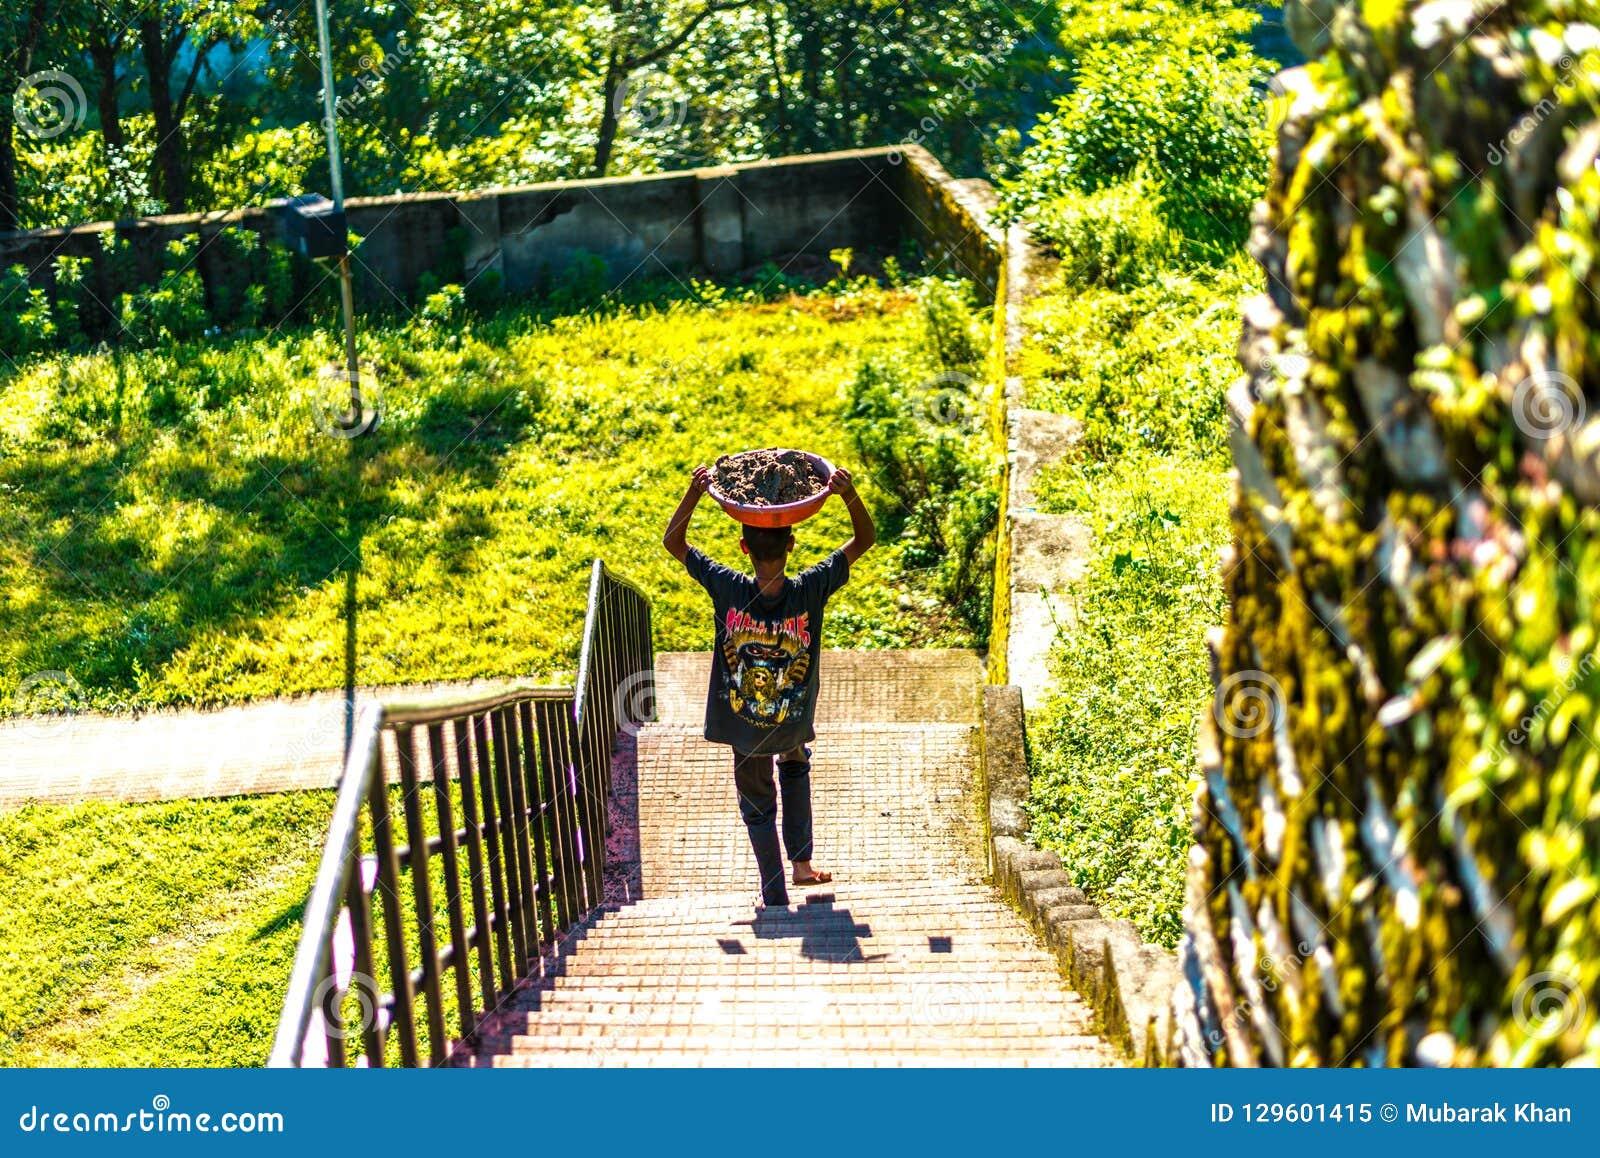 Детский труд в горе